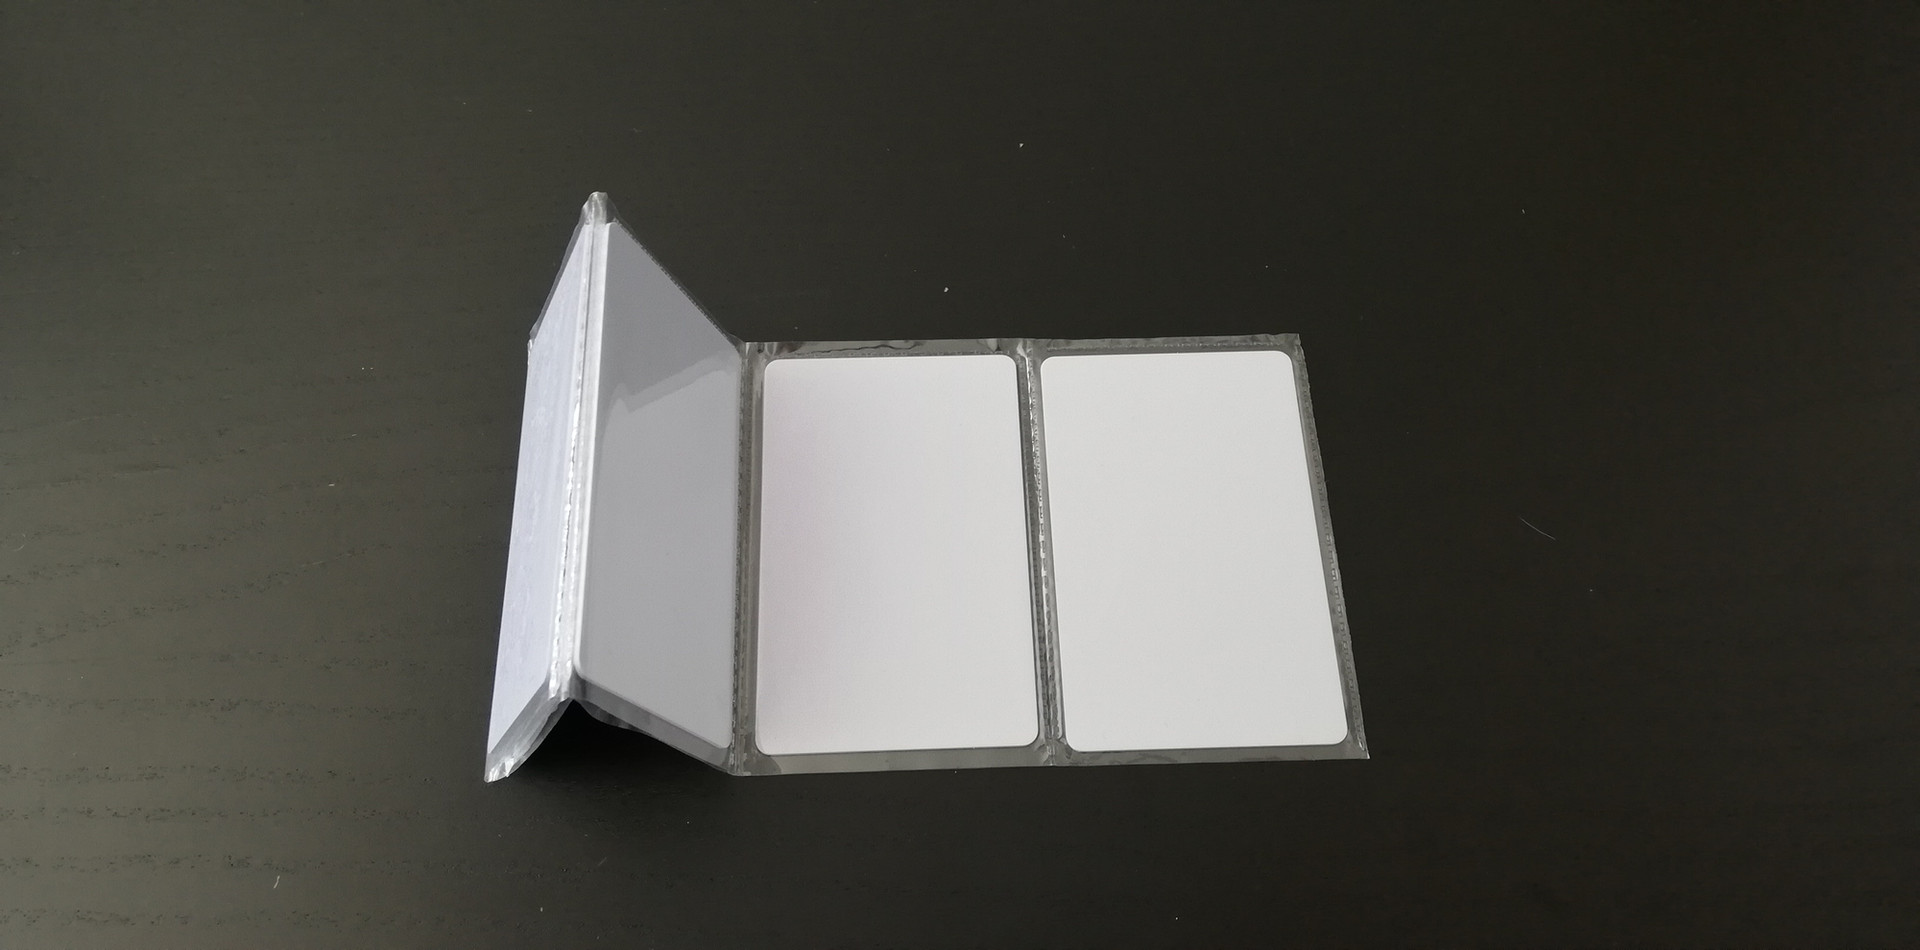 Alebo si kúpte plastové karty NFC (NTAG 213)